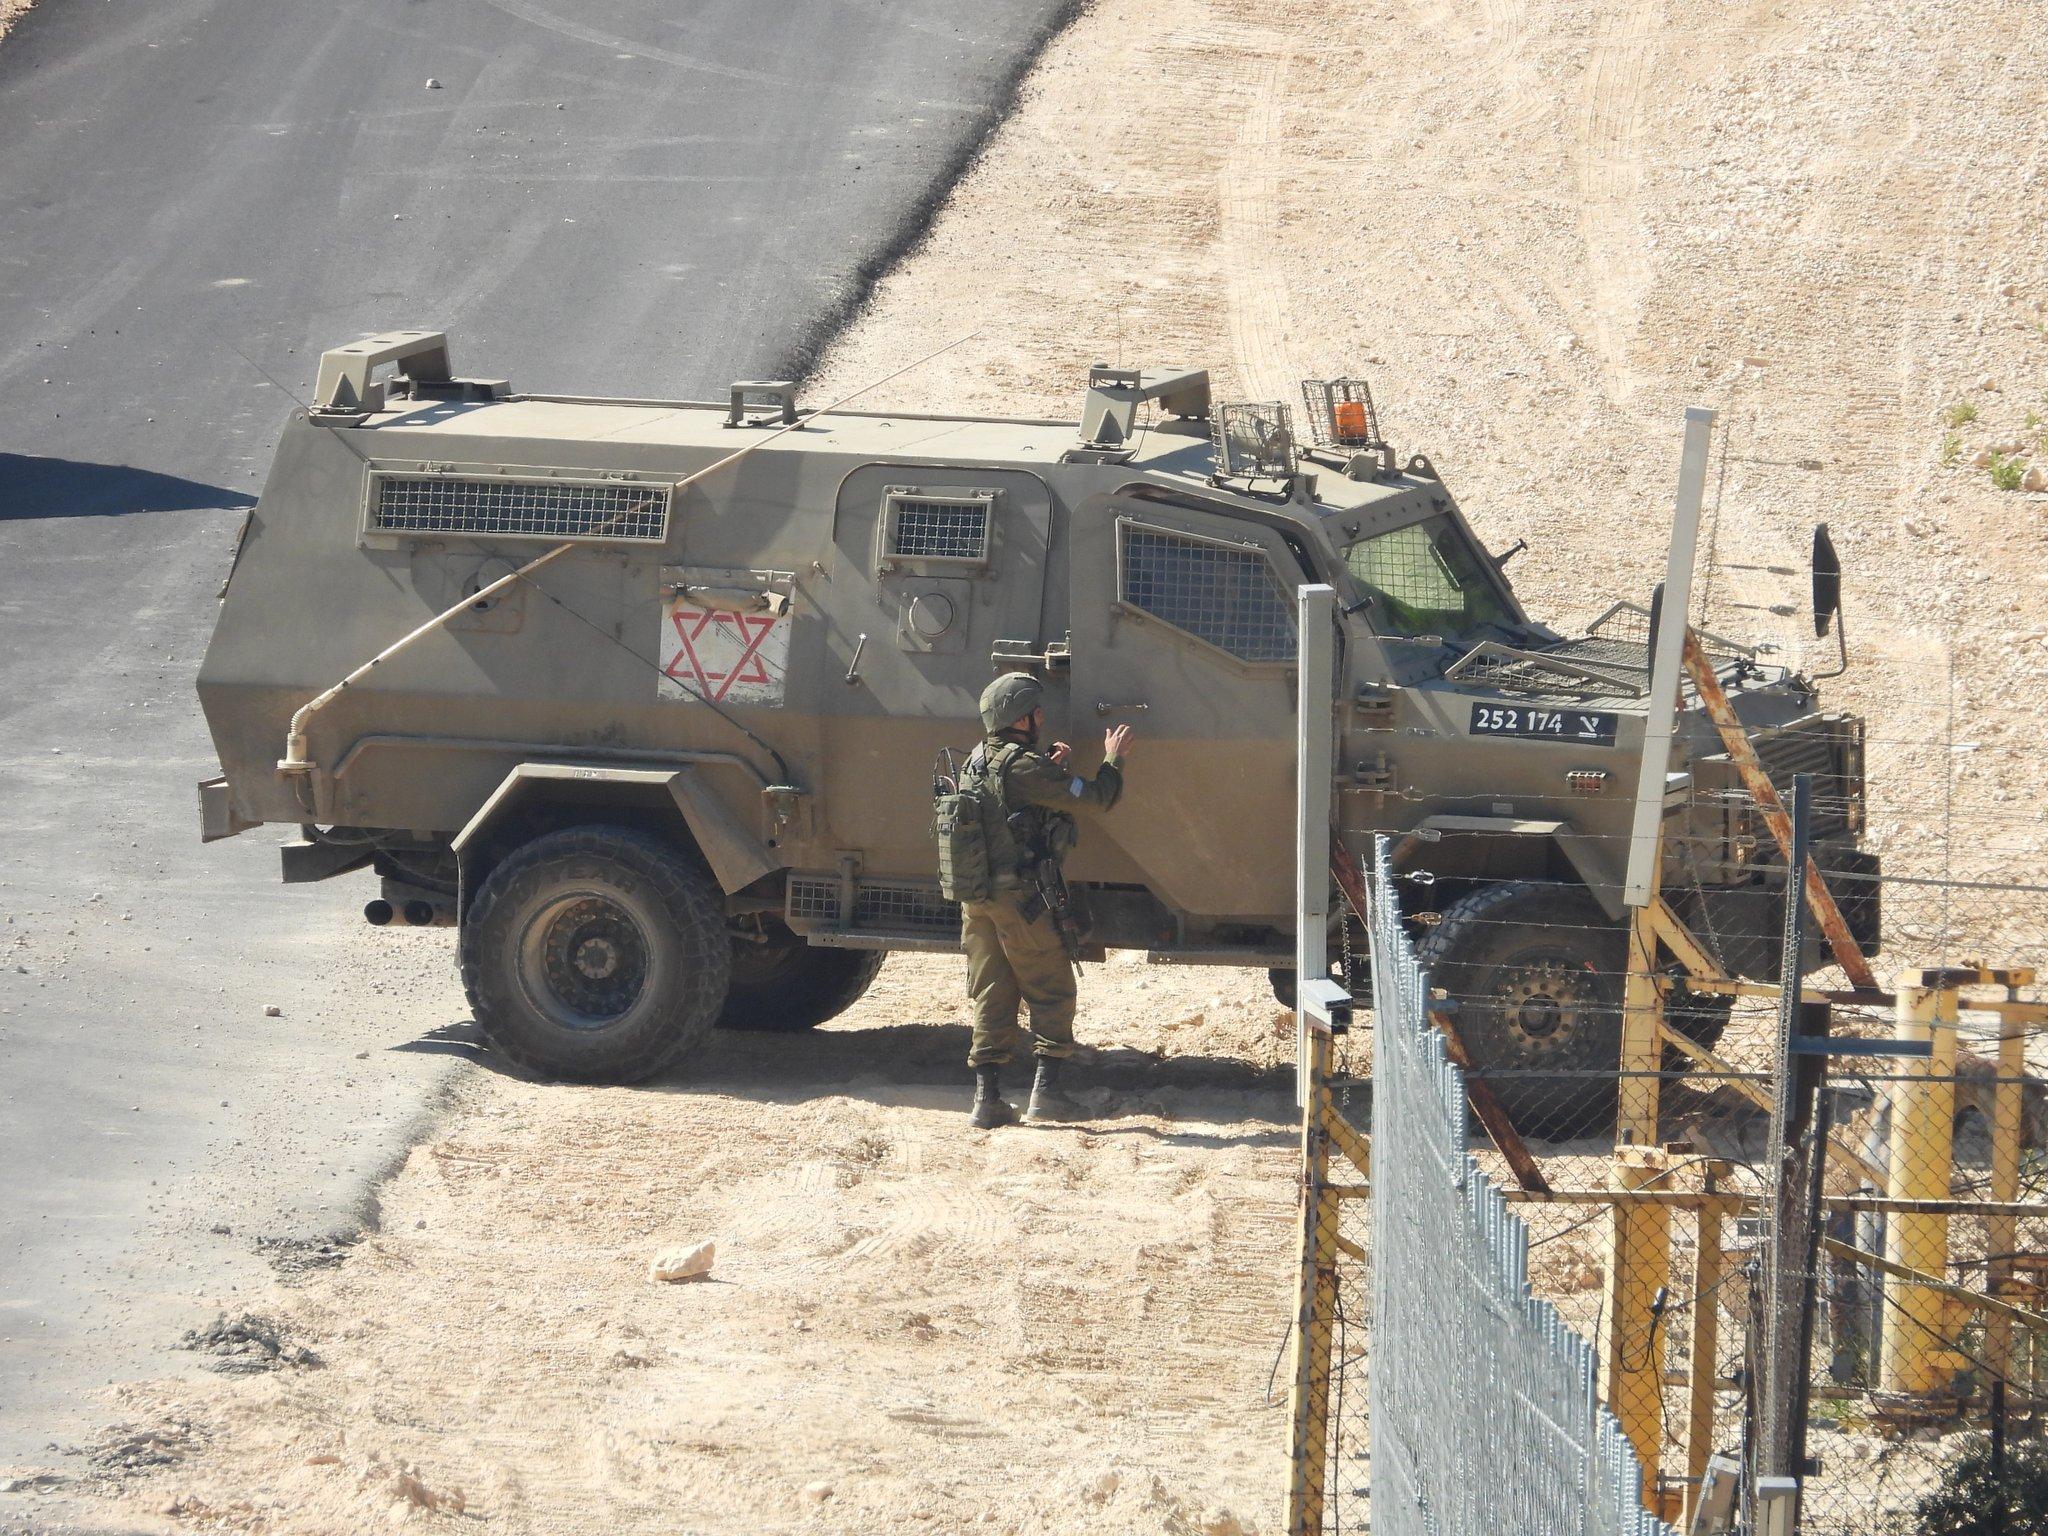 """إصابة جندي """"إسرائيلي"""" بجراح بالغة سببها حجر أثناء اللهو!"""